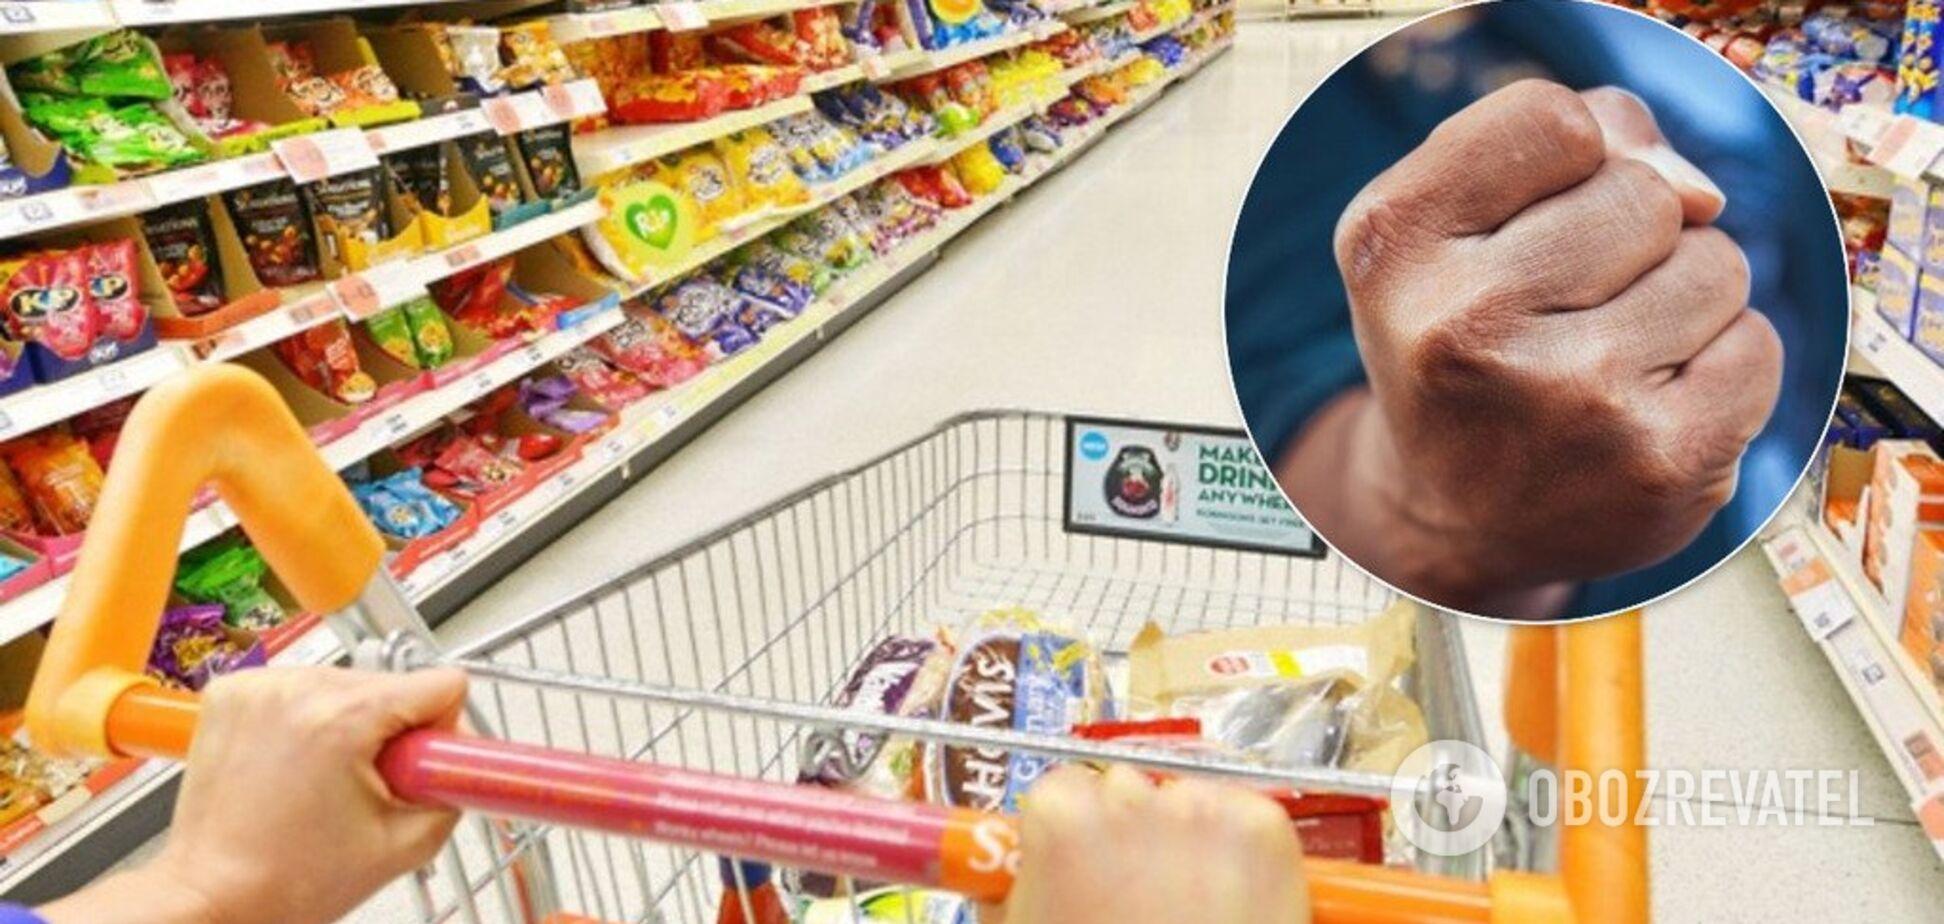 Побили в супермаркеті